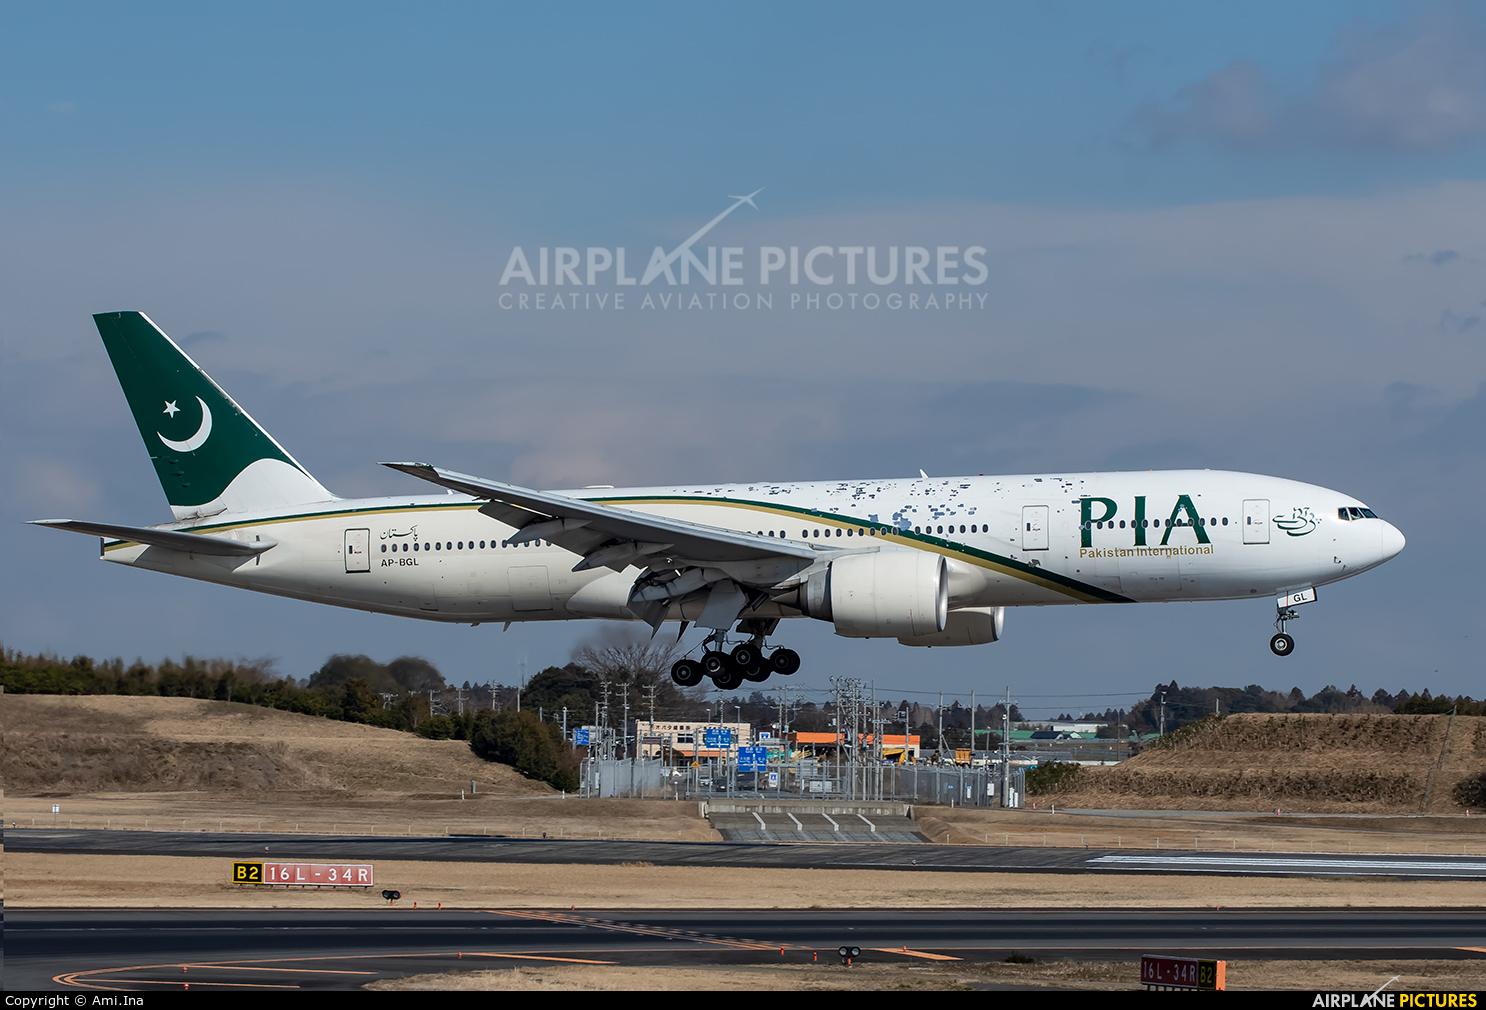 PIA - Pakistan International Airlines AP-BGL aircraft at Tokyo - Narita Intl